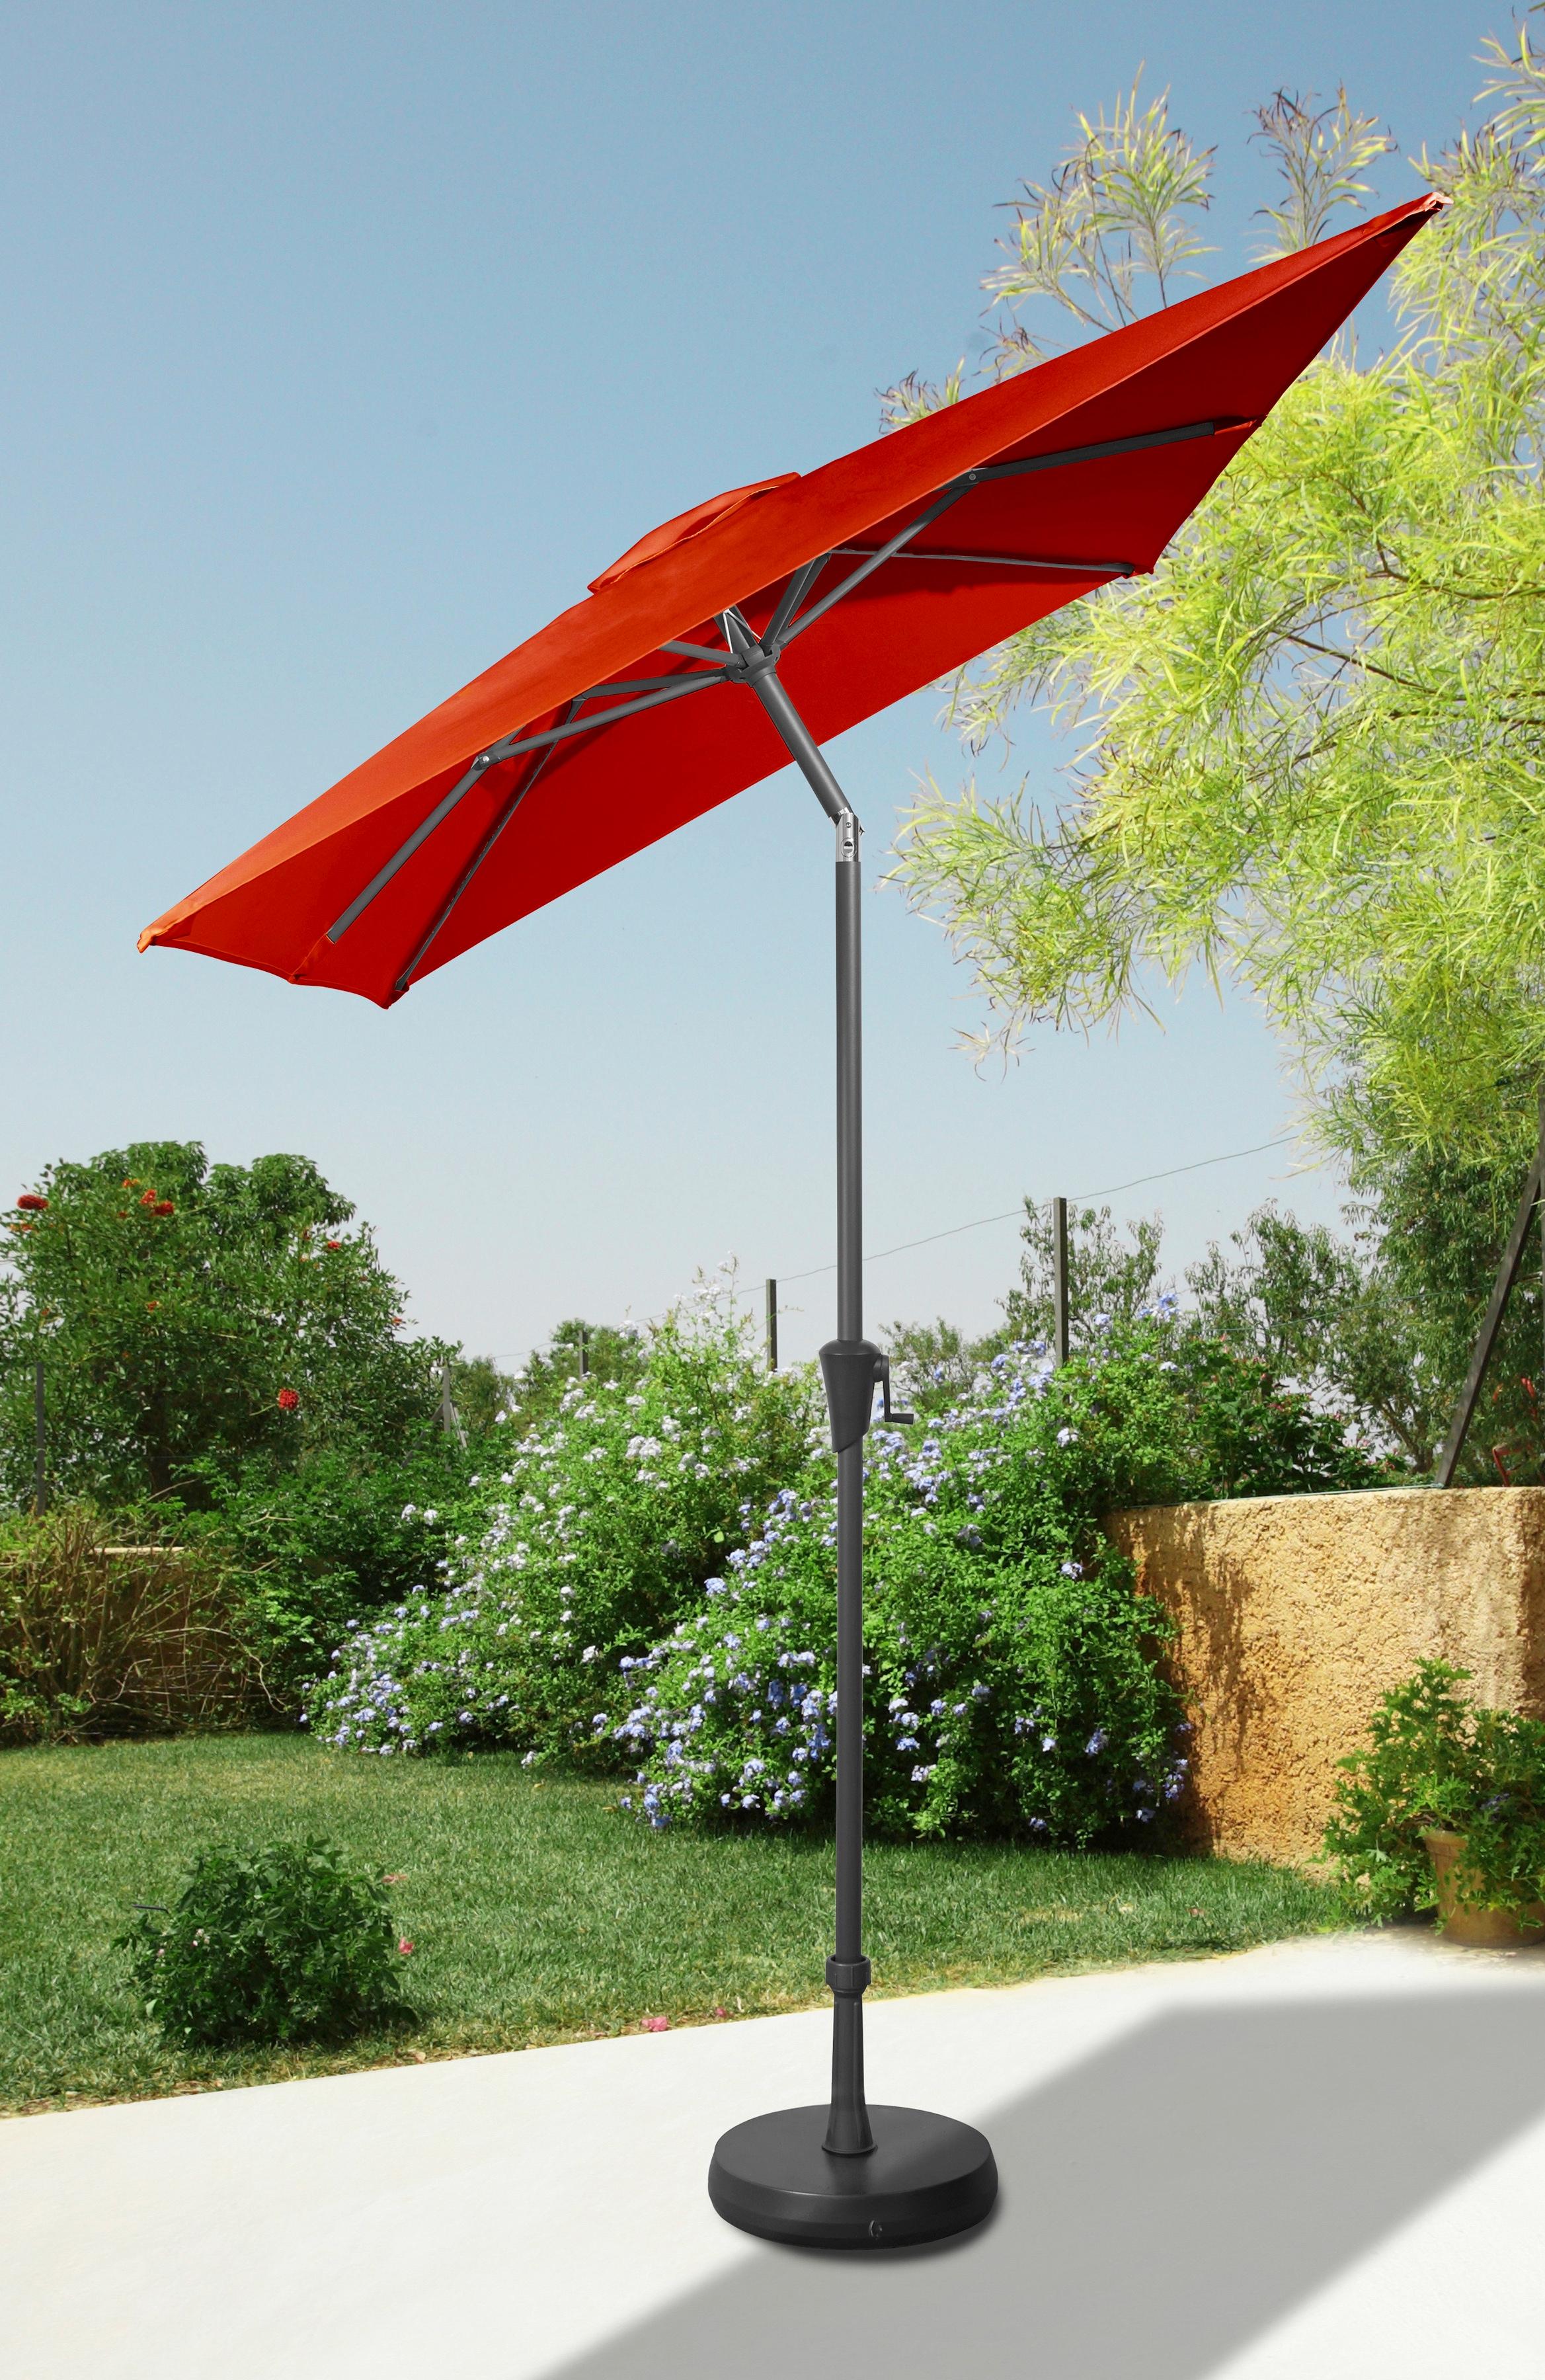 garten gut Sonnenschirm, abknickbar, ohne Schirmständer rot Sonnenschirme -segel Gartenmöbel Gartendeko Sonnenschirm